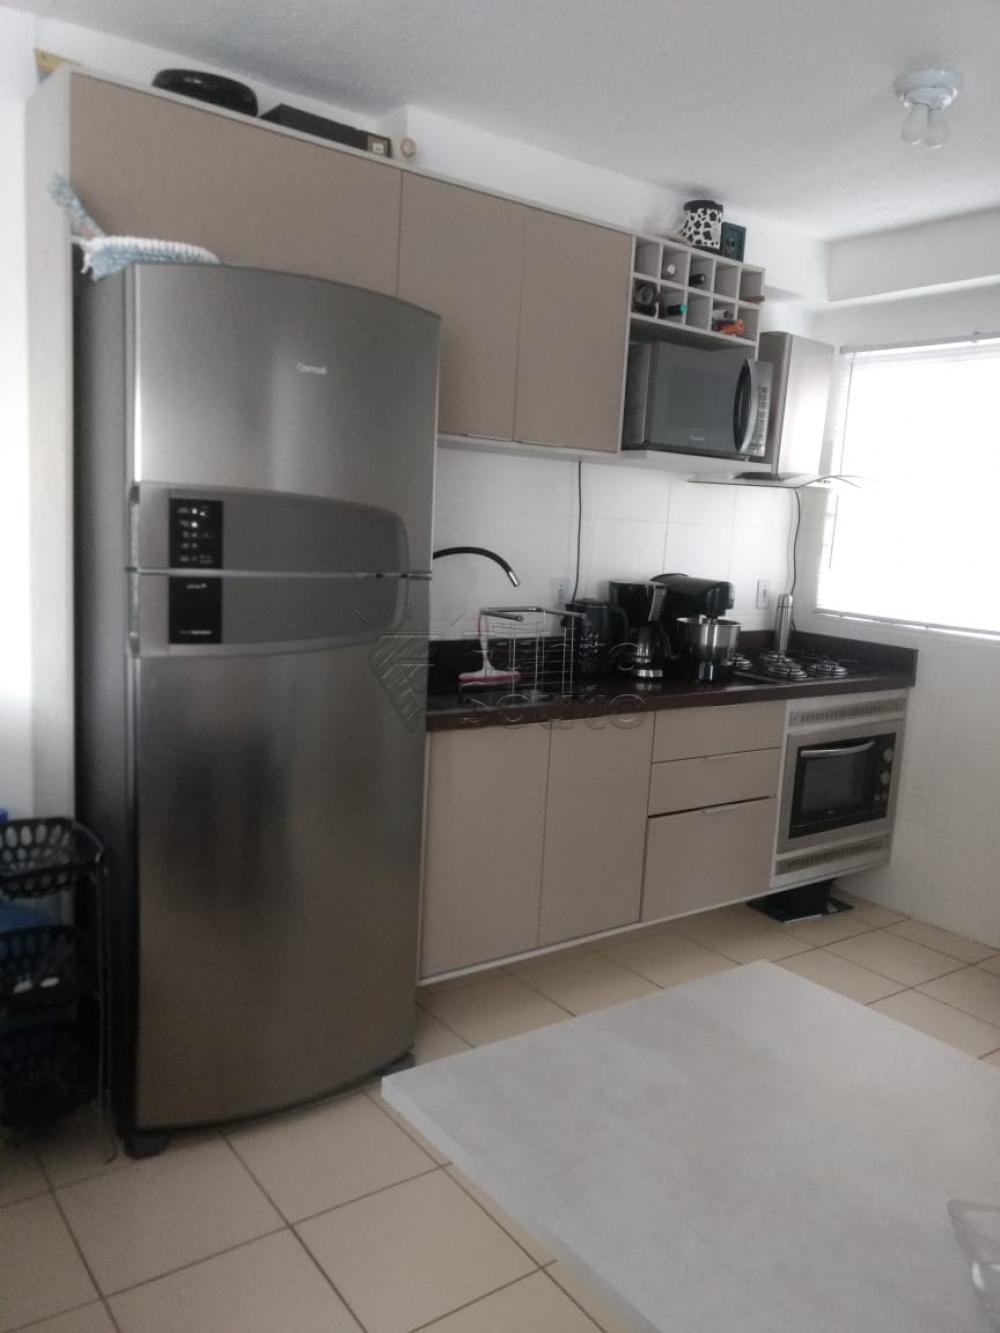 Comprar Apartamento / Padrão em Pelotas R$ 130.000,00 - Foto 7